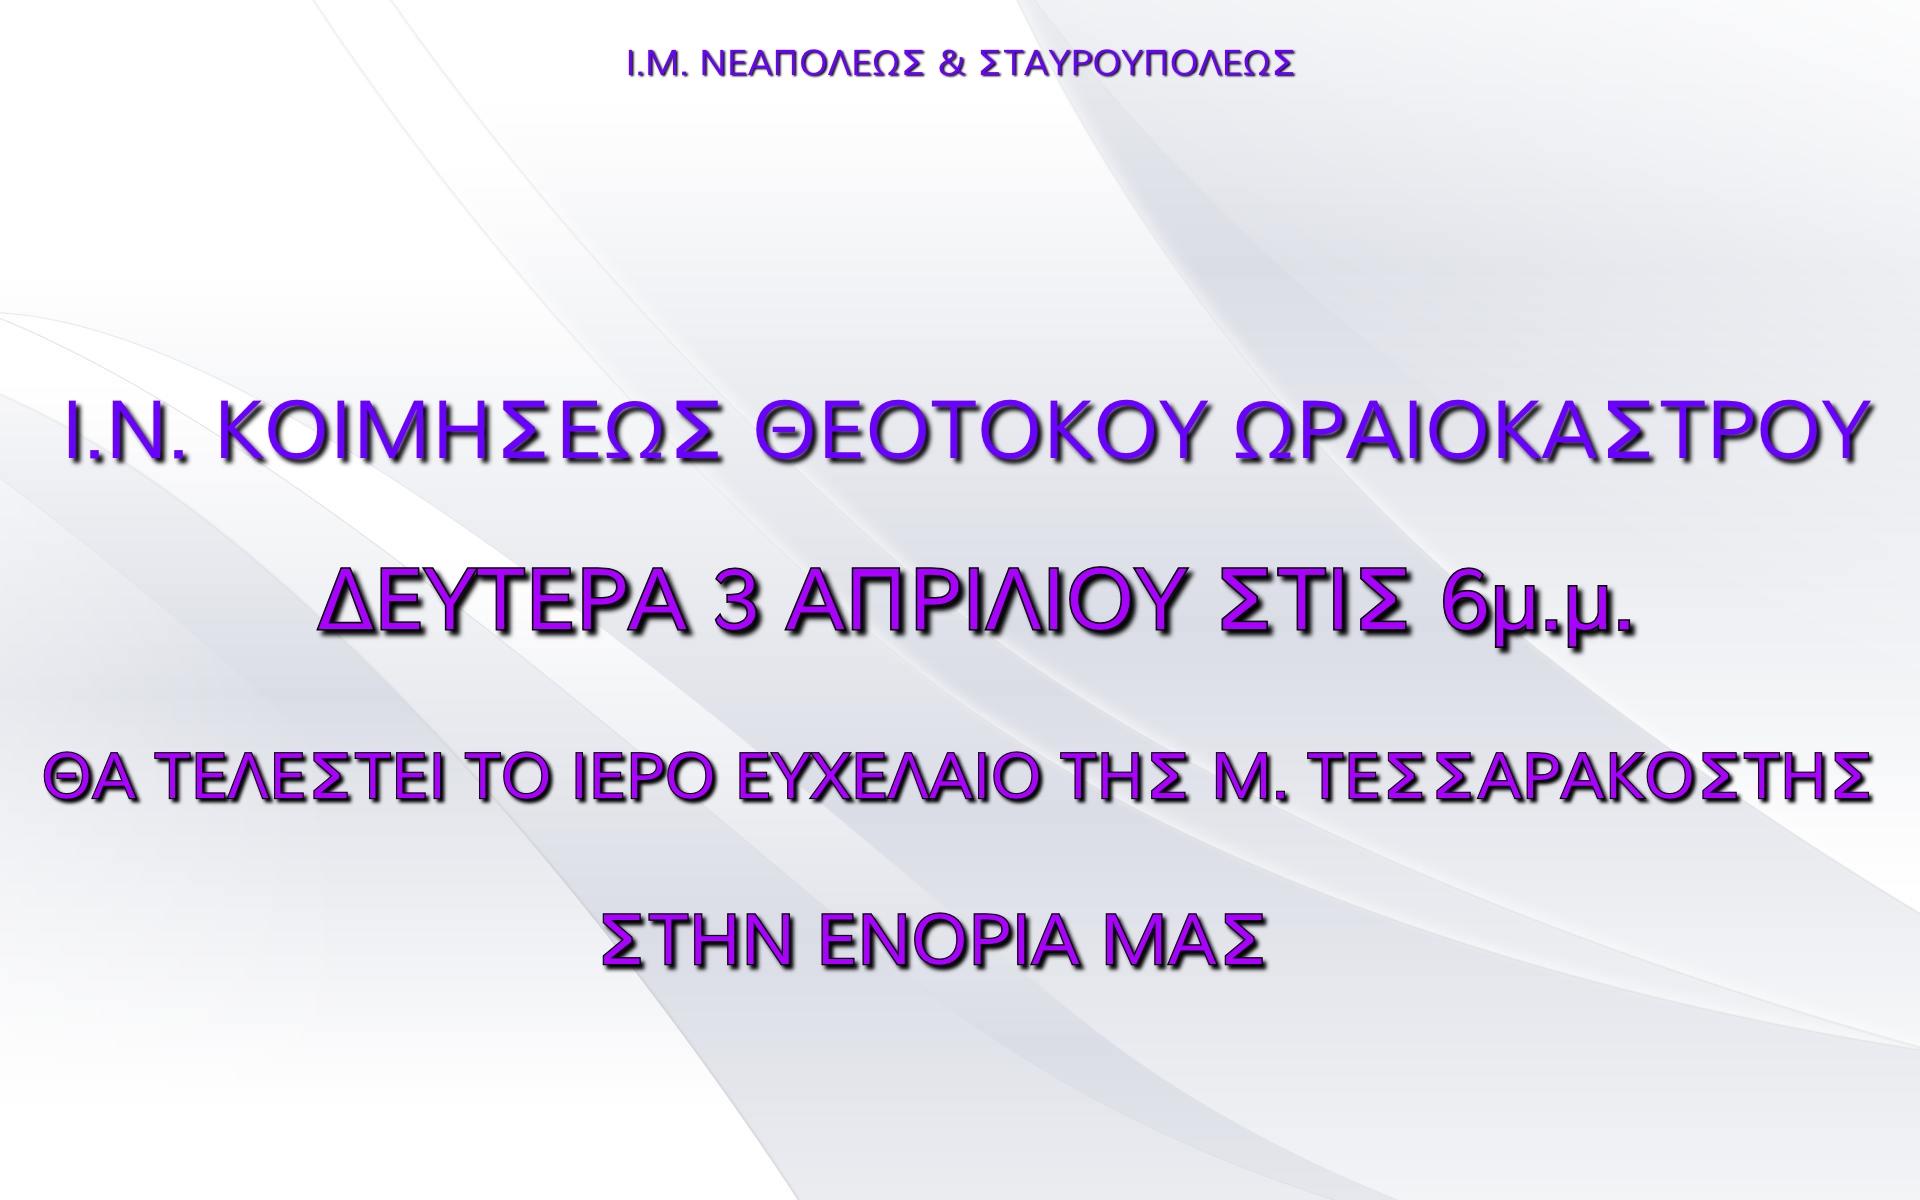 ΕΥΧΕΛΑΙΟ ΣΑΡΑΚΟΣΤΗΣ 2017